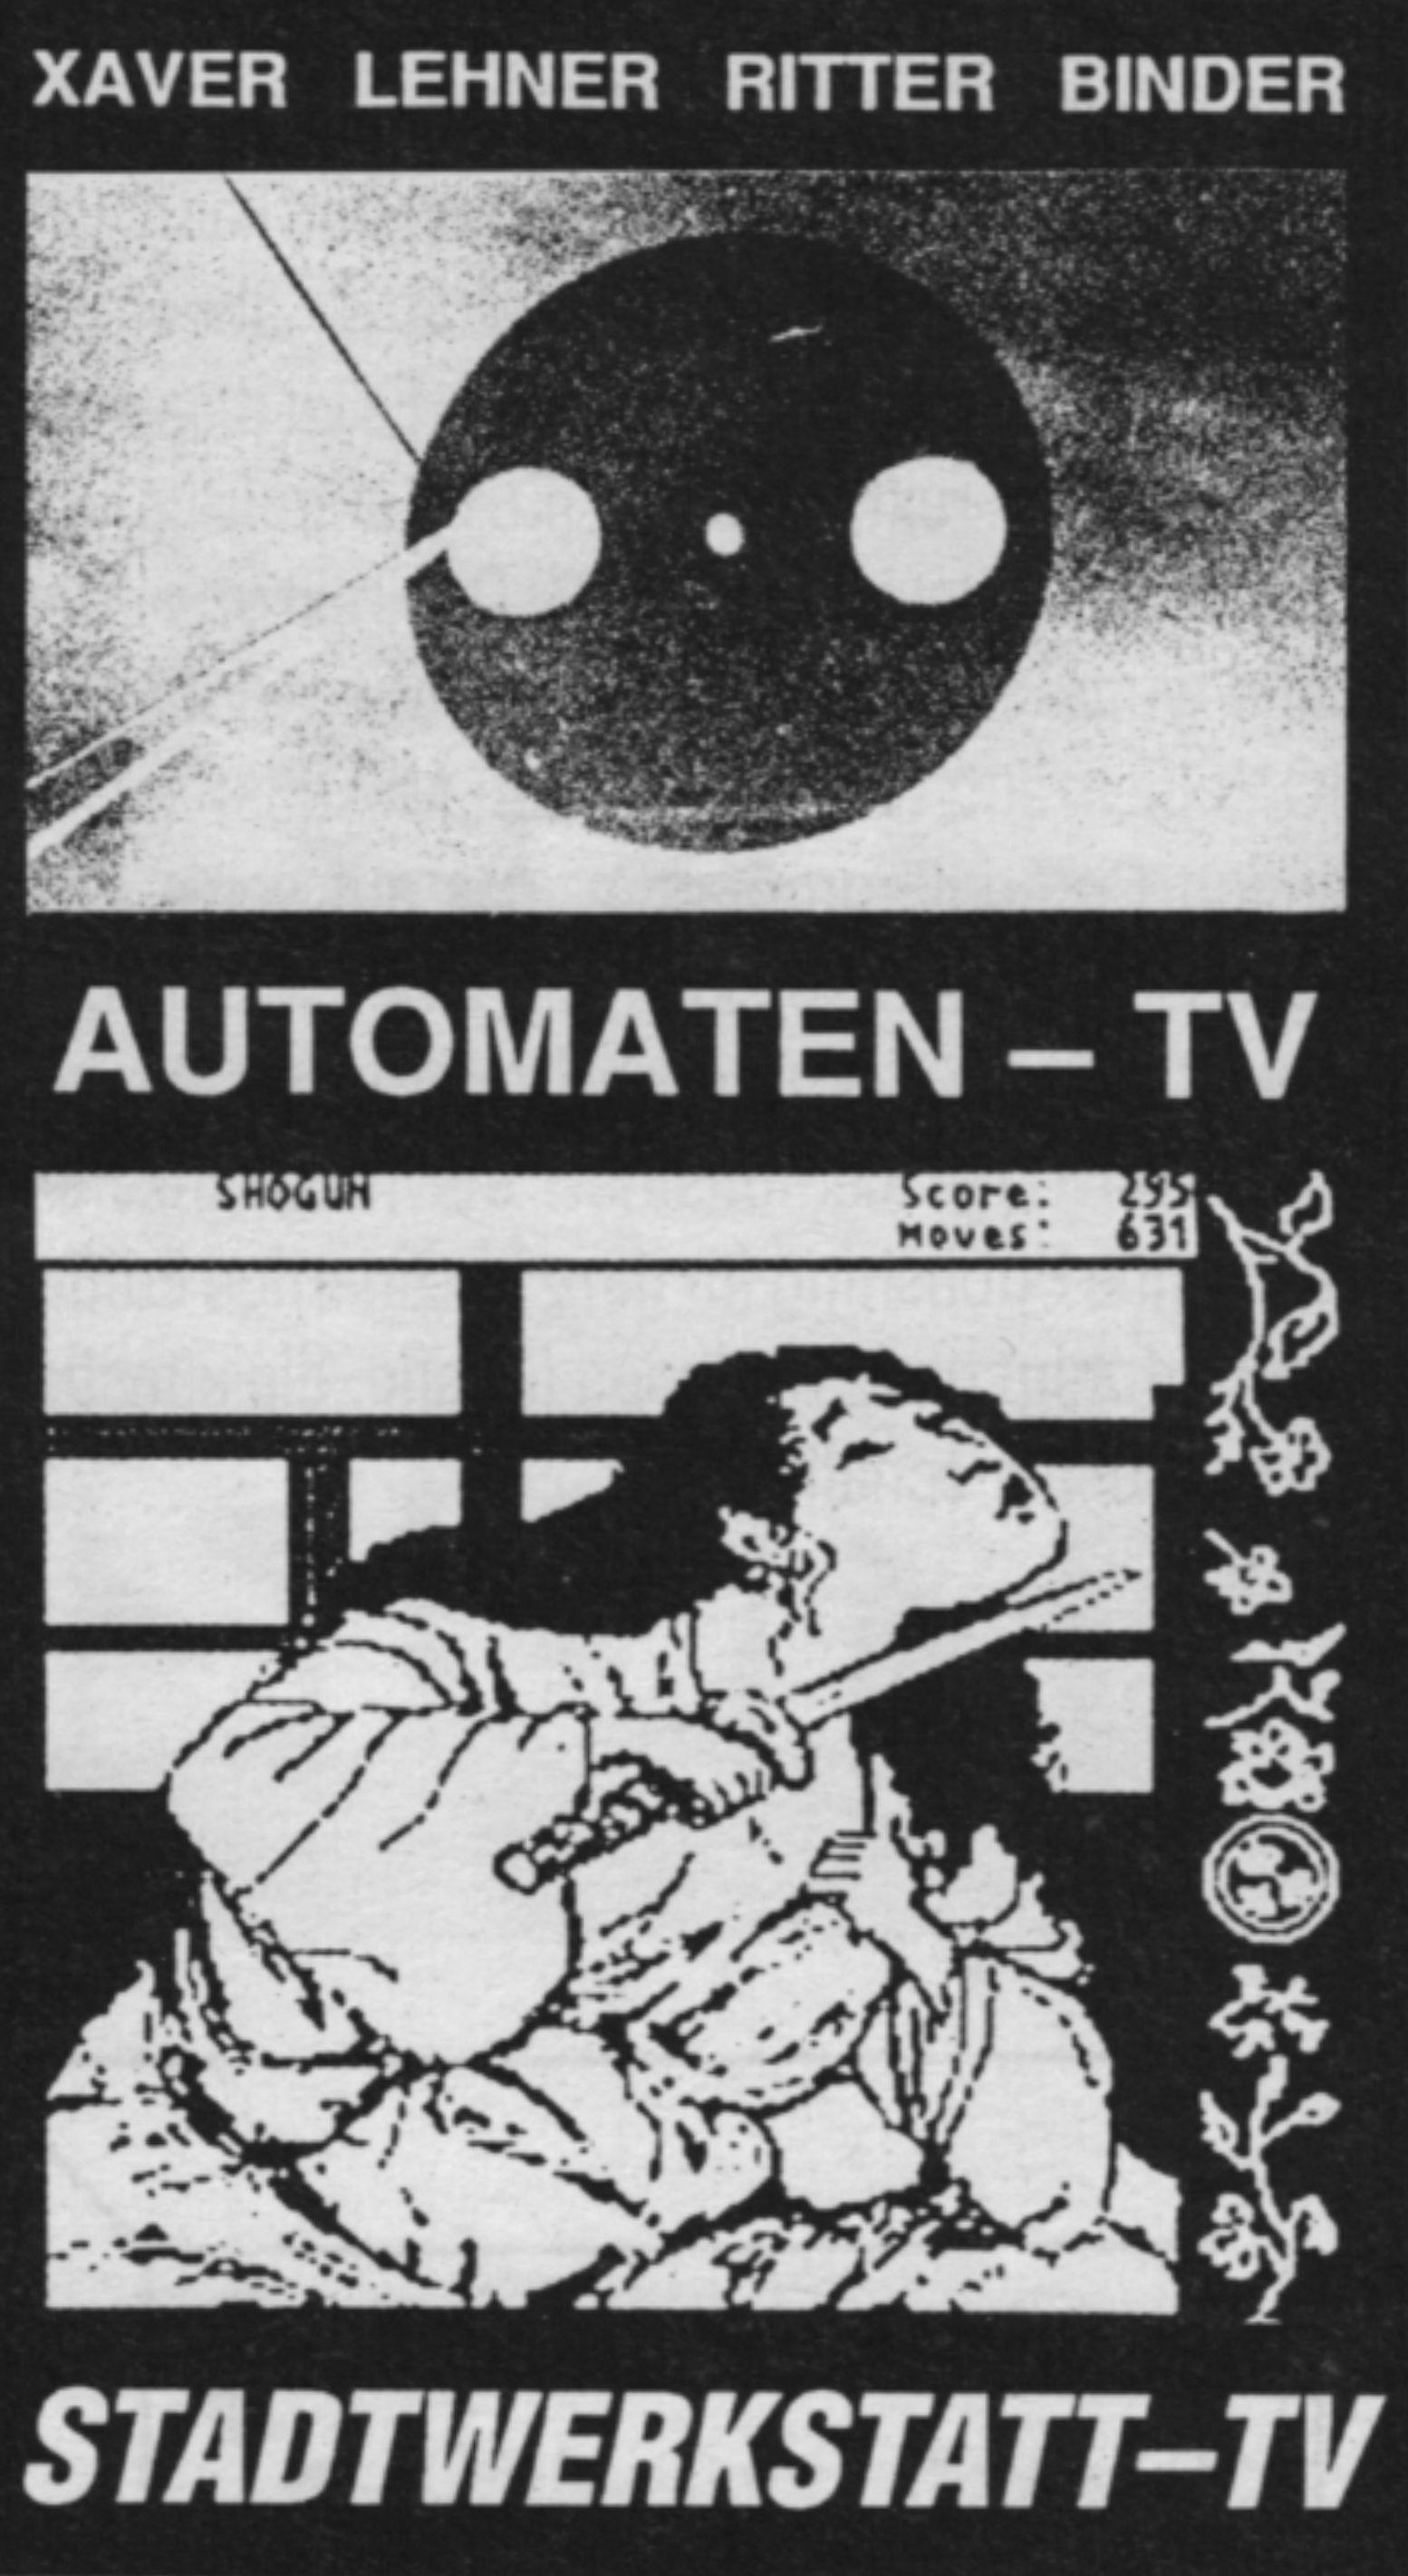 Stadtwerkstatt TV Automaten TV